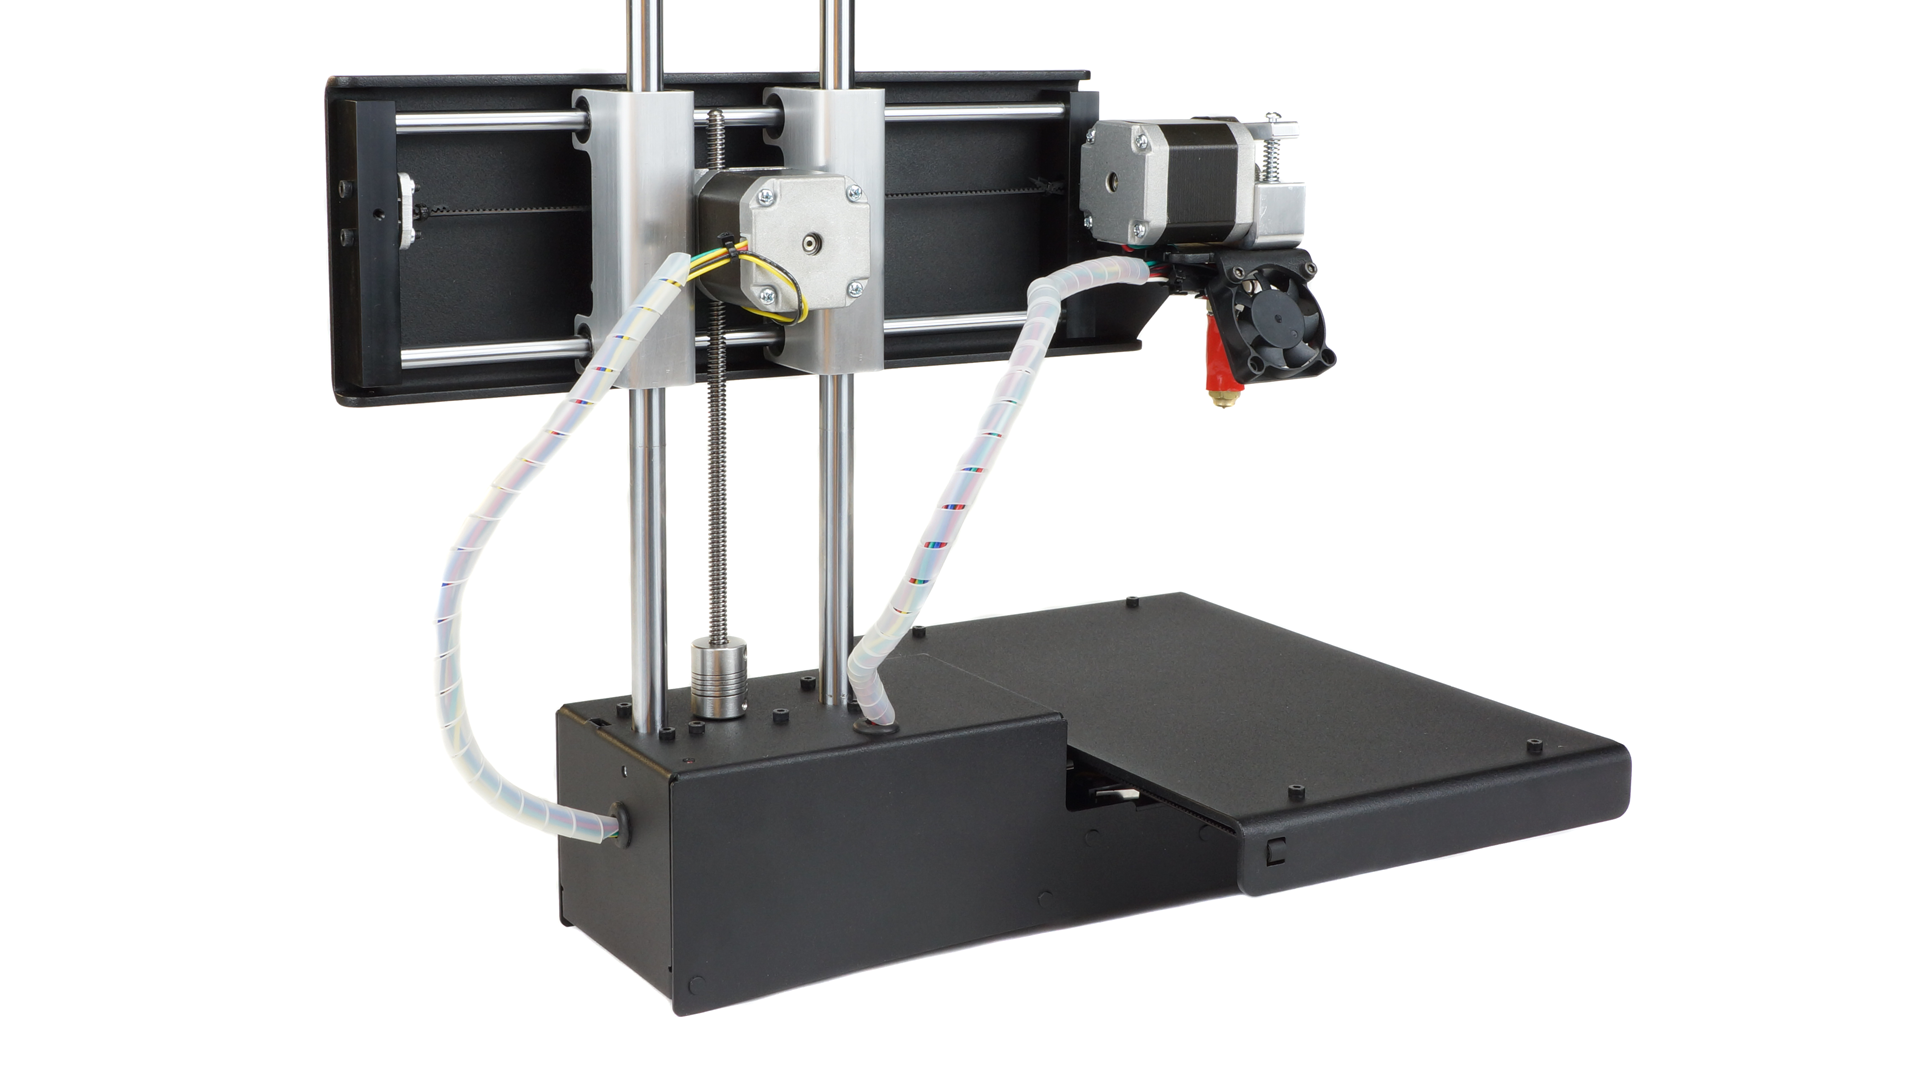 Томский университет в текущем году напечатает детали вертолетных моторов на3D-принтере